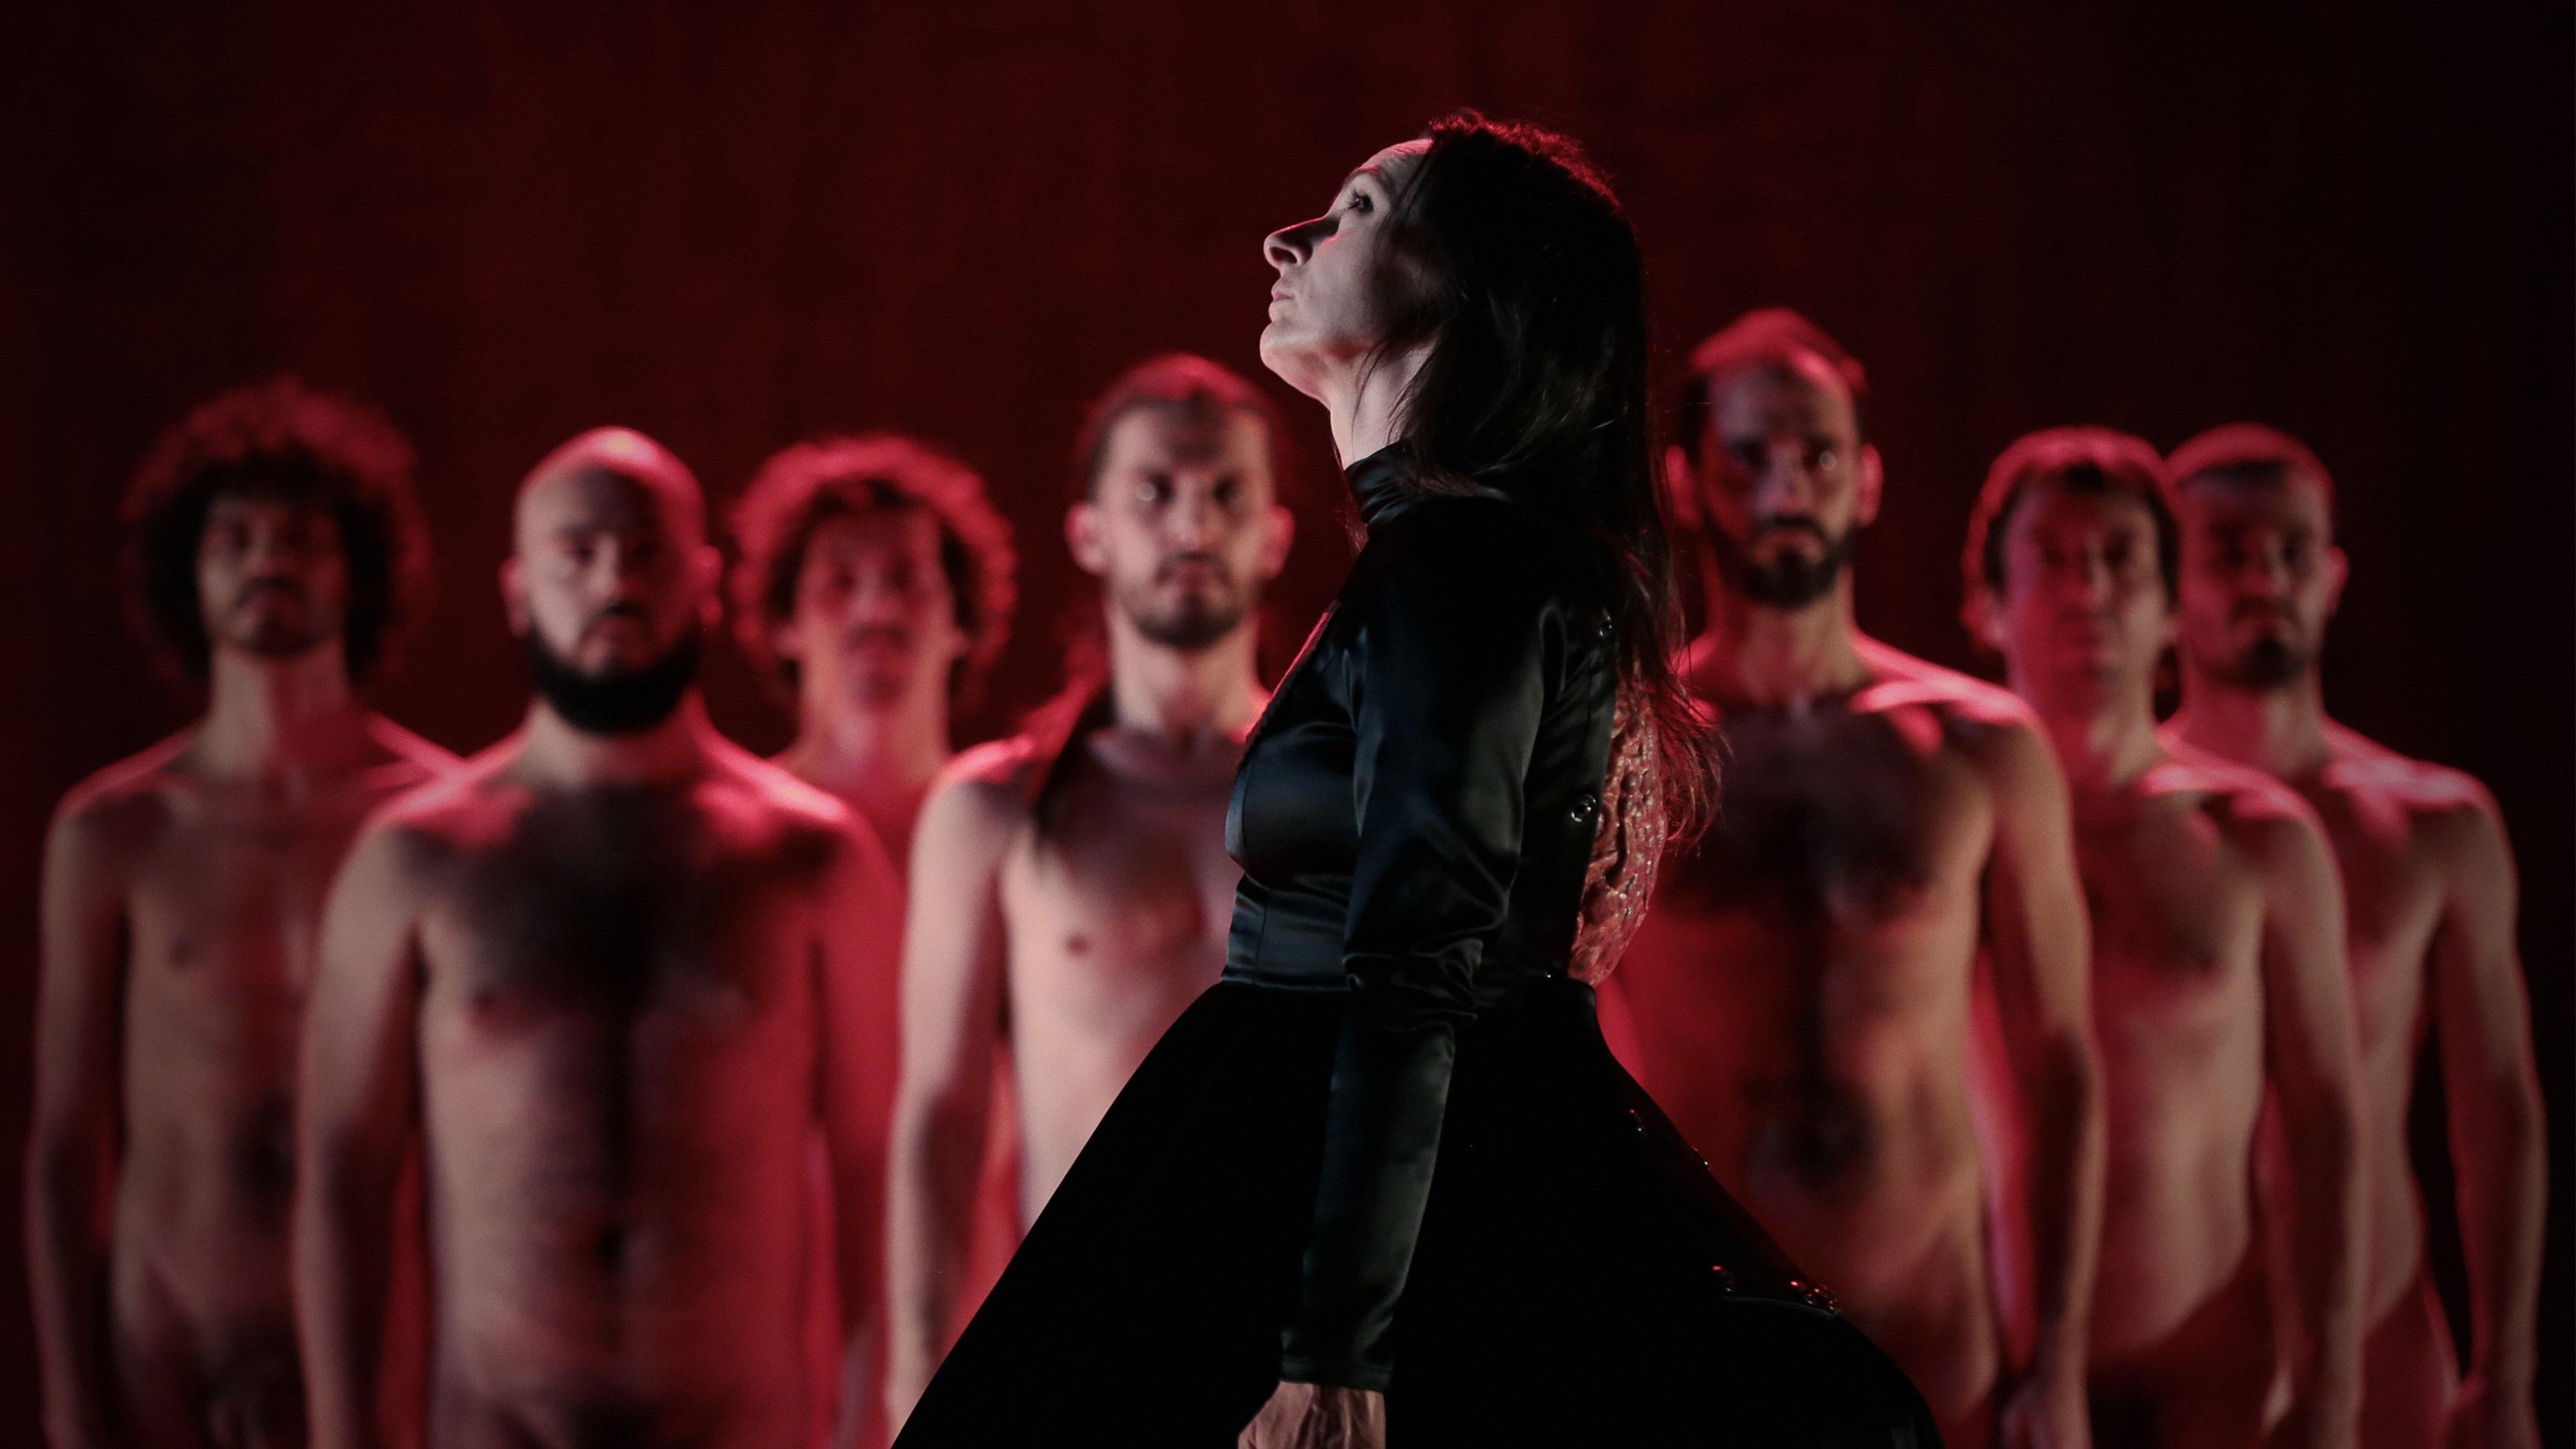 THE SCARLET LETTER angélica liddell improrrogable teatro barcelona